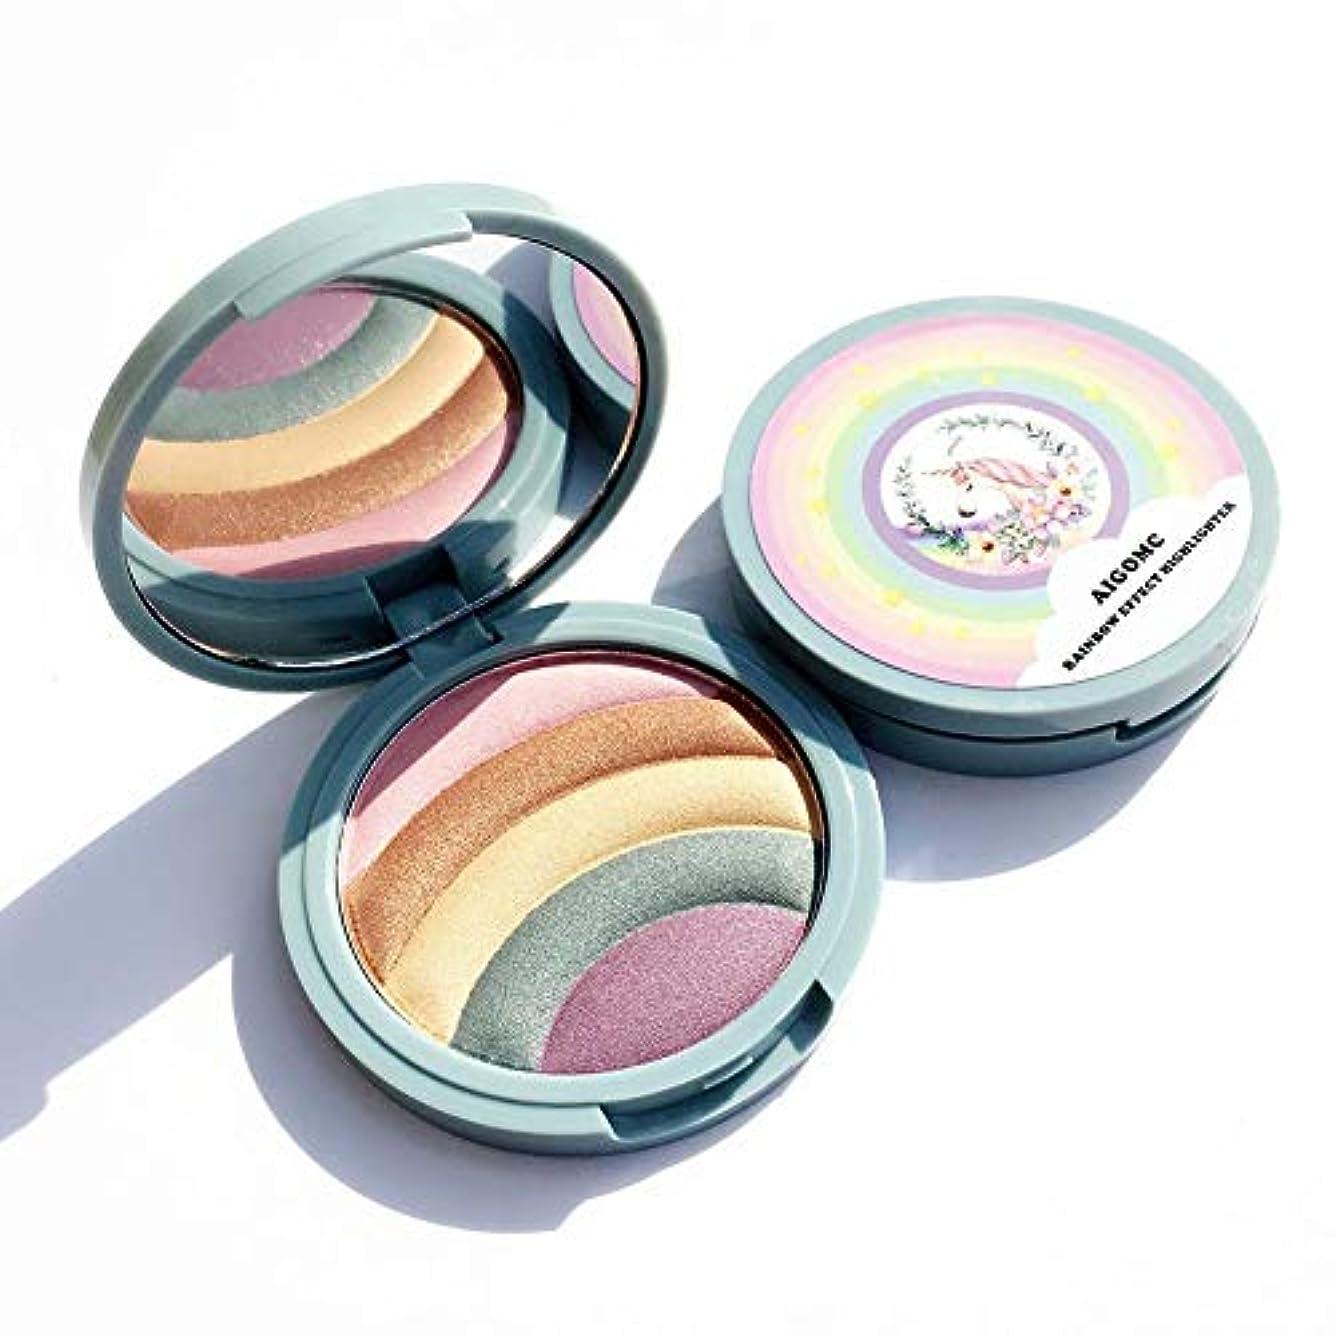 旋律的契約したインタフェースBrill(ブリーオ)最高のプロアイシャドウマットパレットメイクアイシャドウプロフェッショナル完璧なファイル暖かいナチュラルニュートラルスモーキーパレットアイメイクアップシルキーパウダー化粧品5色